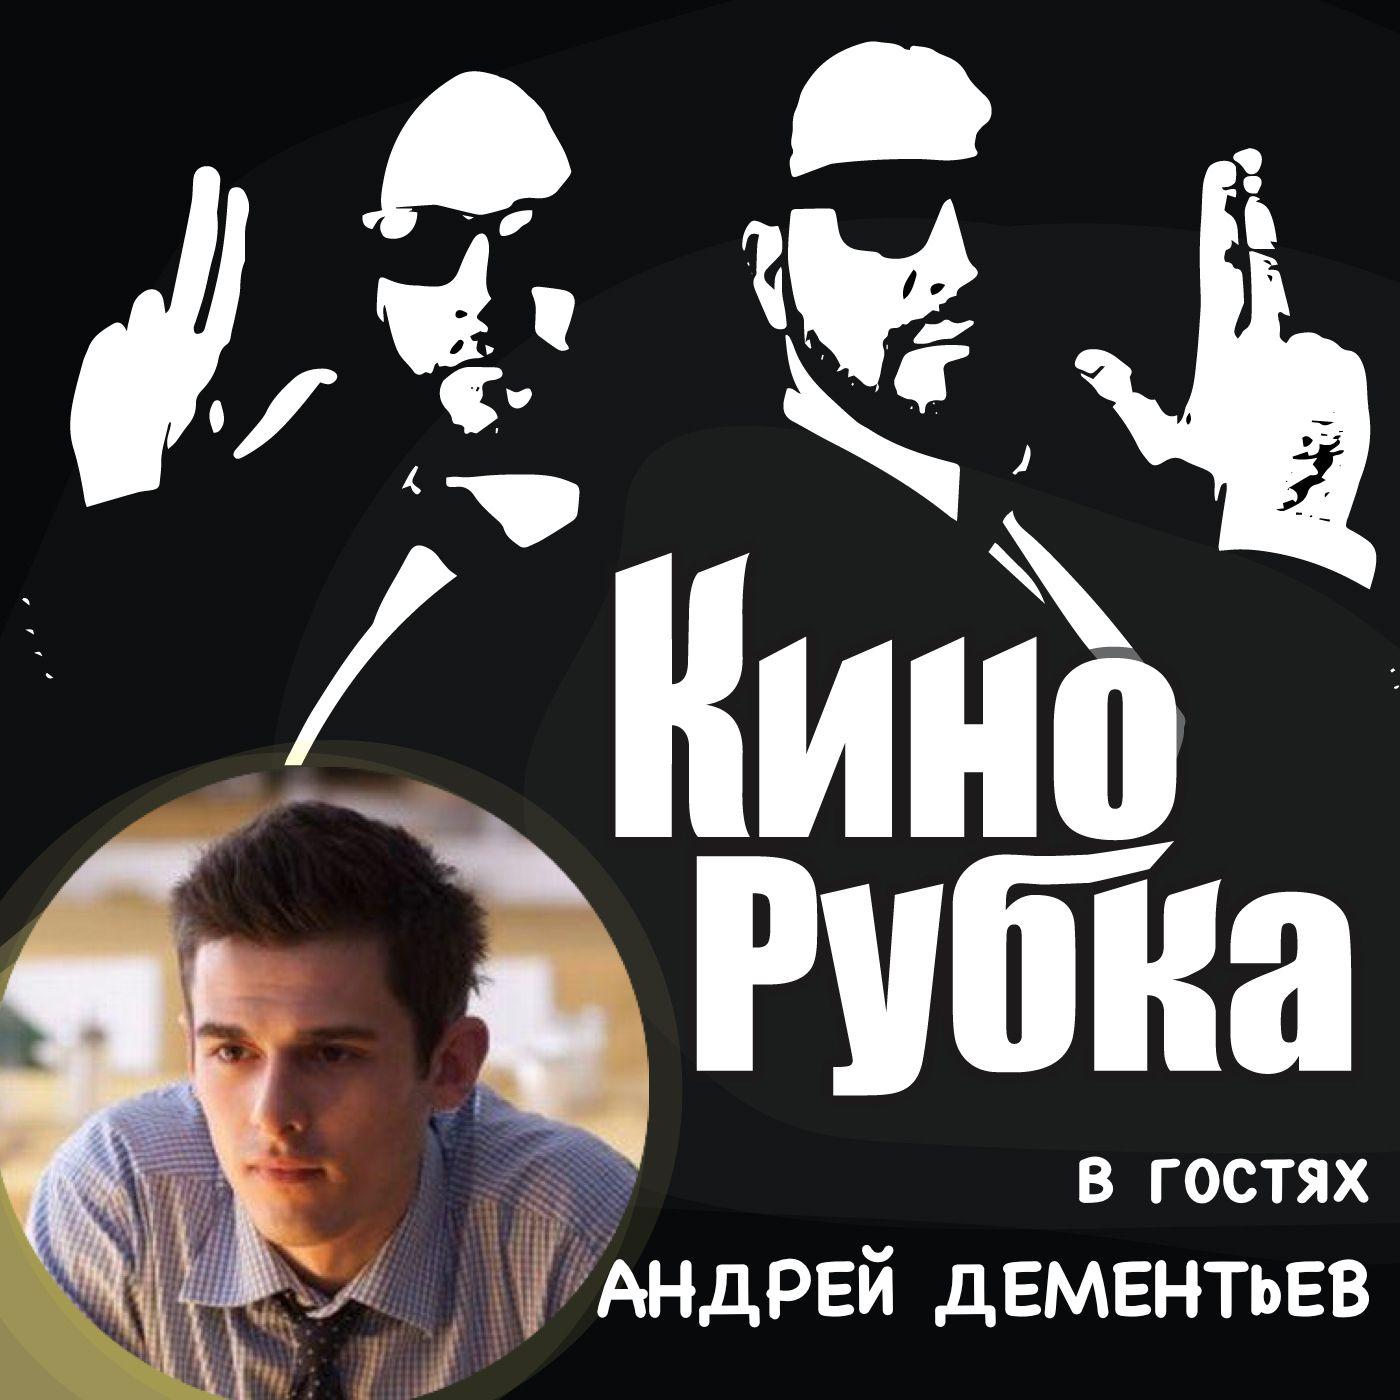 Павел Дикан Актер кино Андрей Дементьев андрей дементьев стихотворения